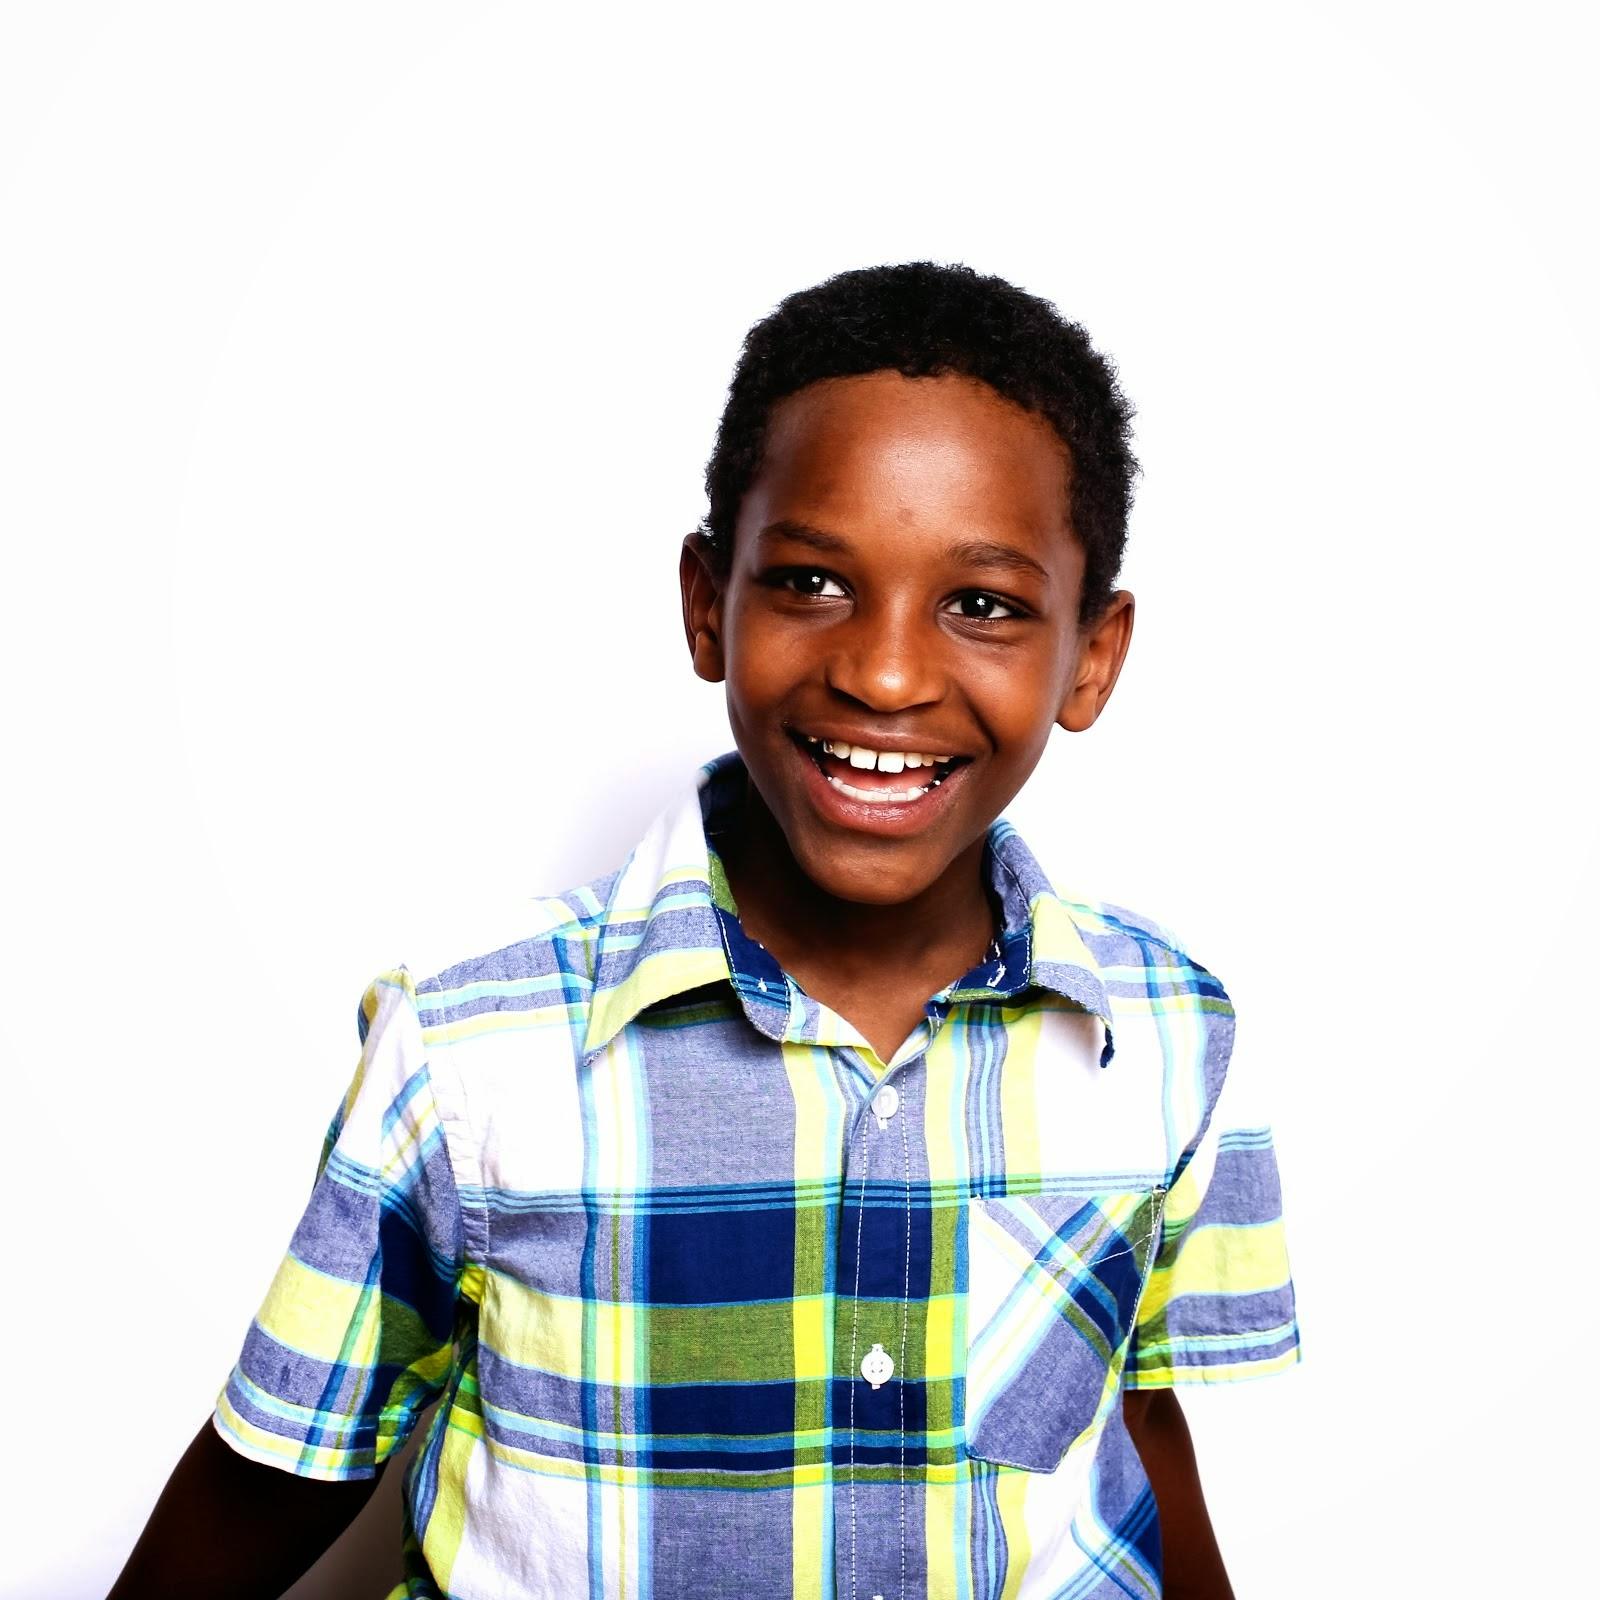 Seth - age 12